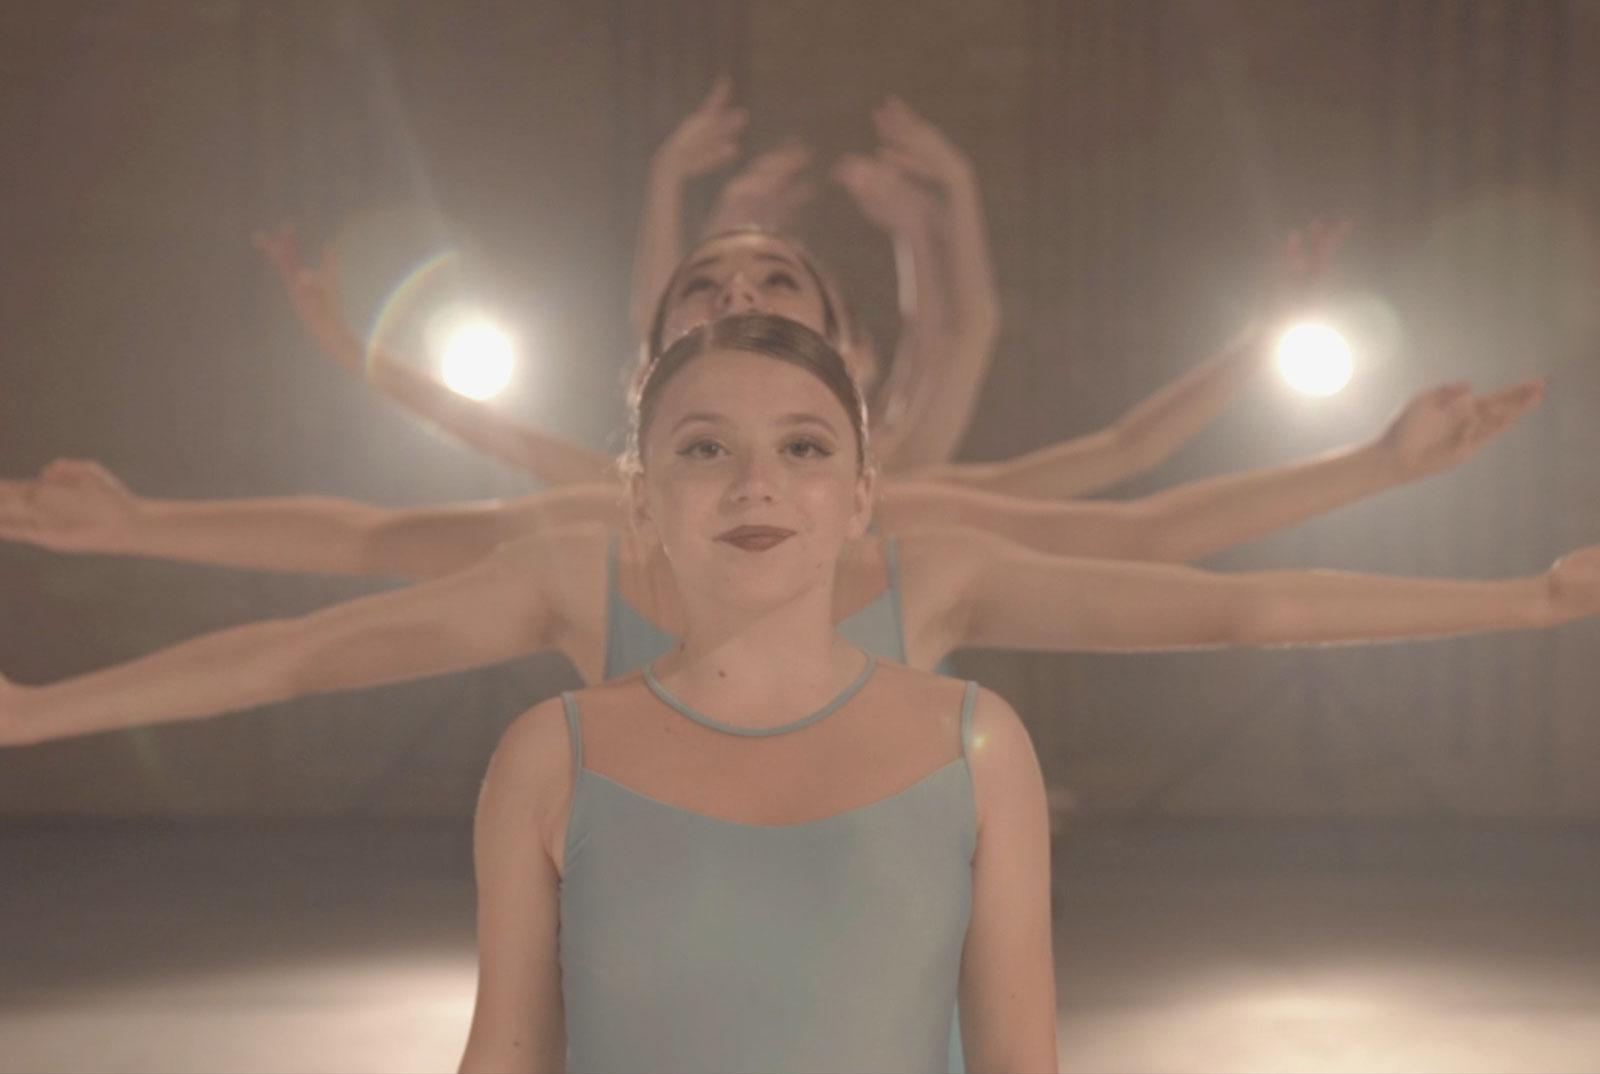 Bailarinas vestindo um figurino verde claro e ao fundo dois pequenos holofotes.